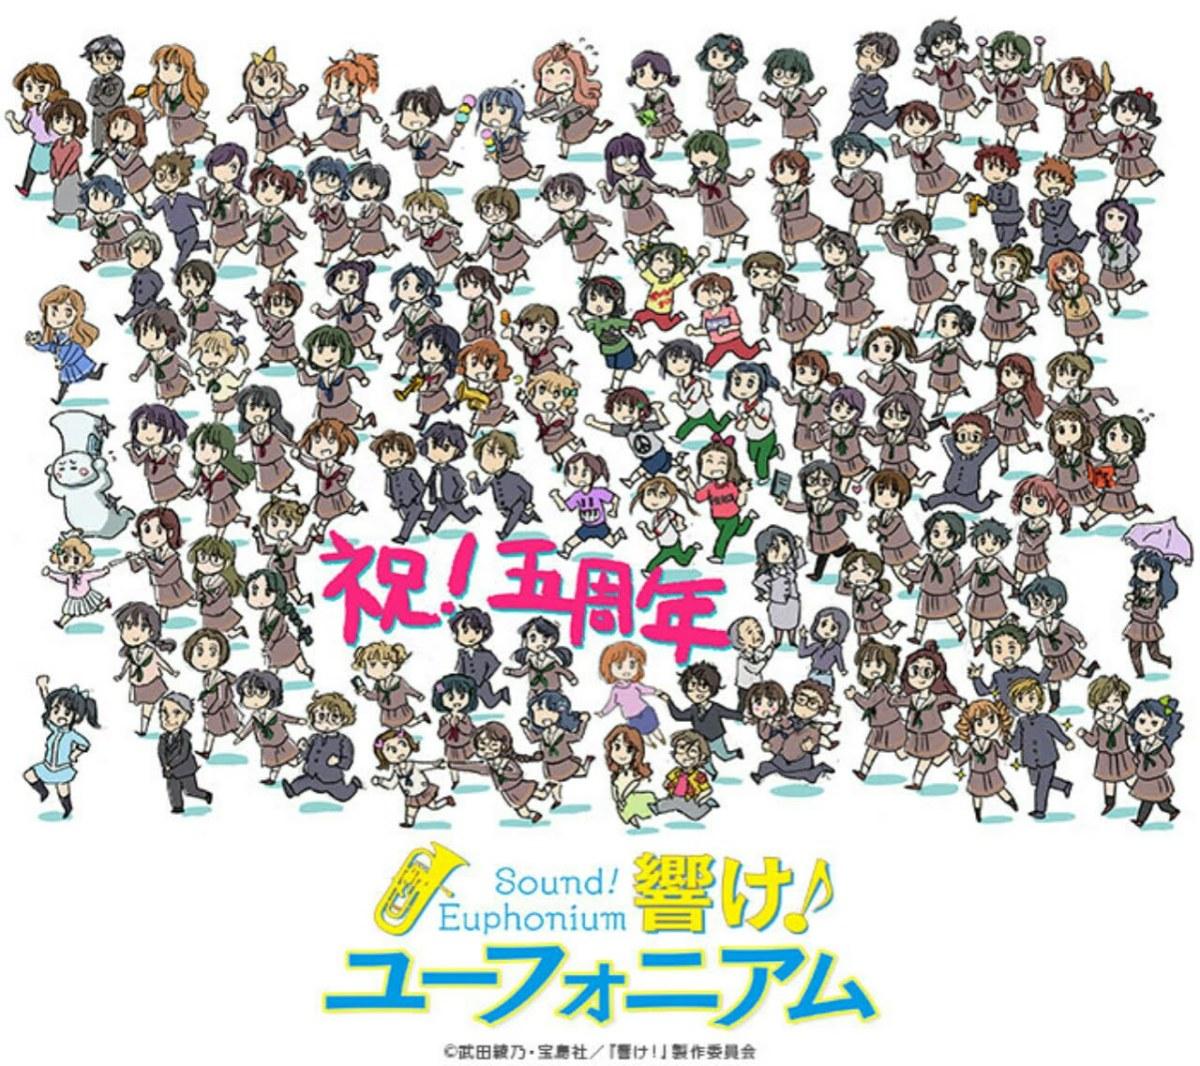 Sutradara Anime Sound! Euphonium Menggambar Ilustrasi untuk Ulang Tahun Ke-5 Animenya 2